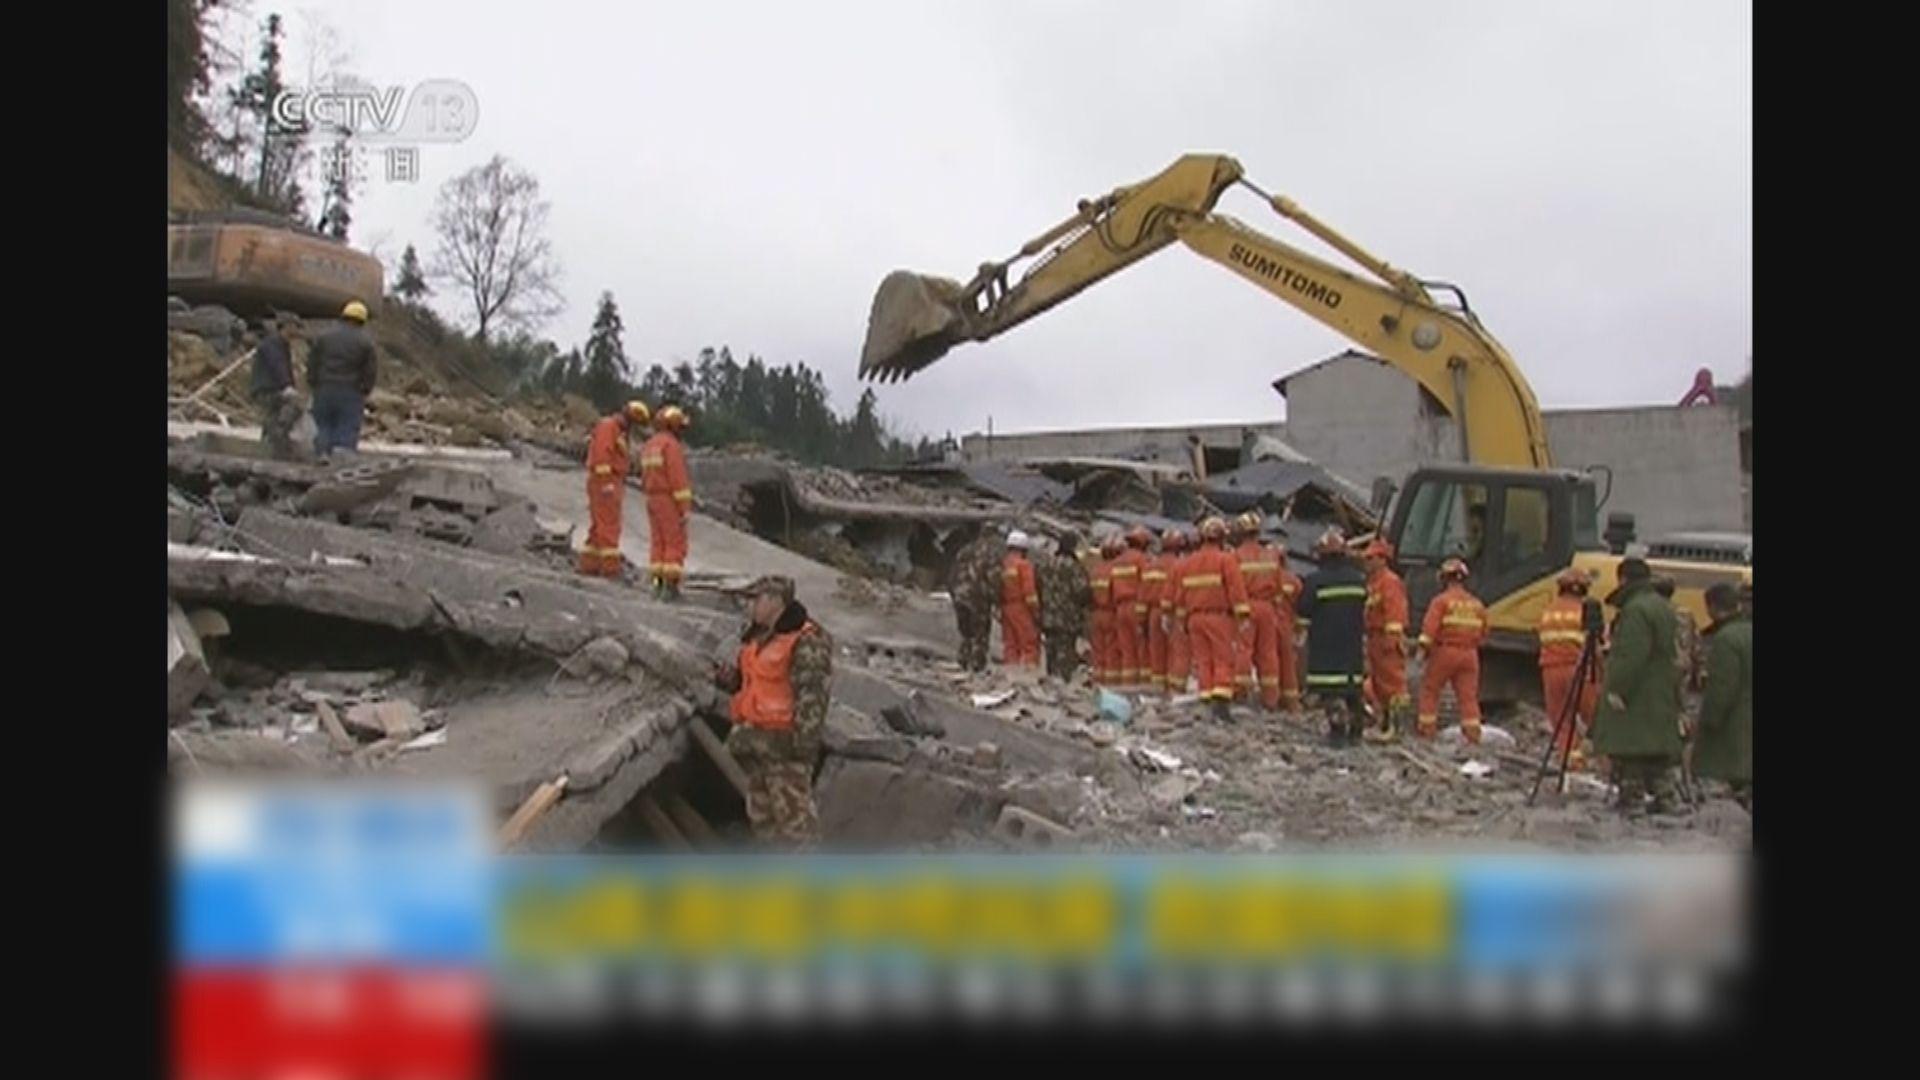 四川山泥傾瀉最少四死 當局繼續搜索失蹤者